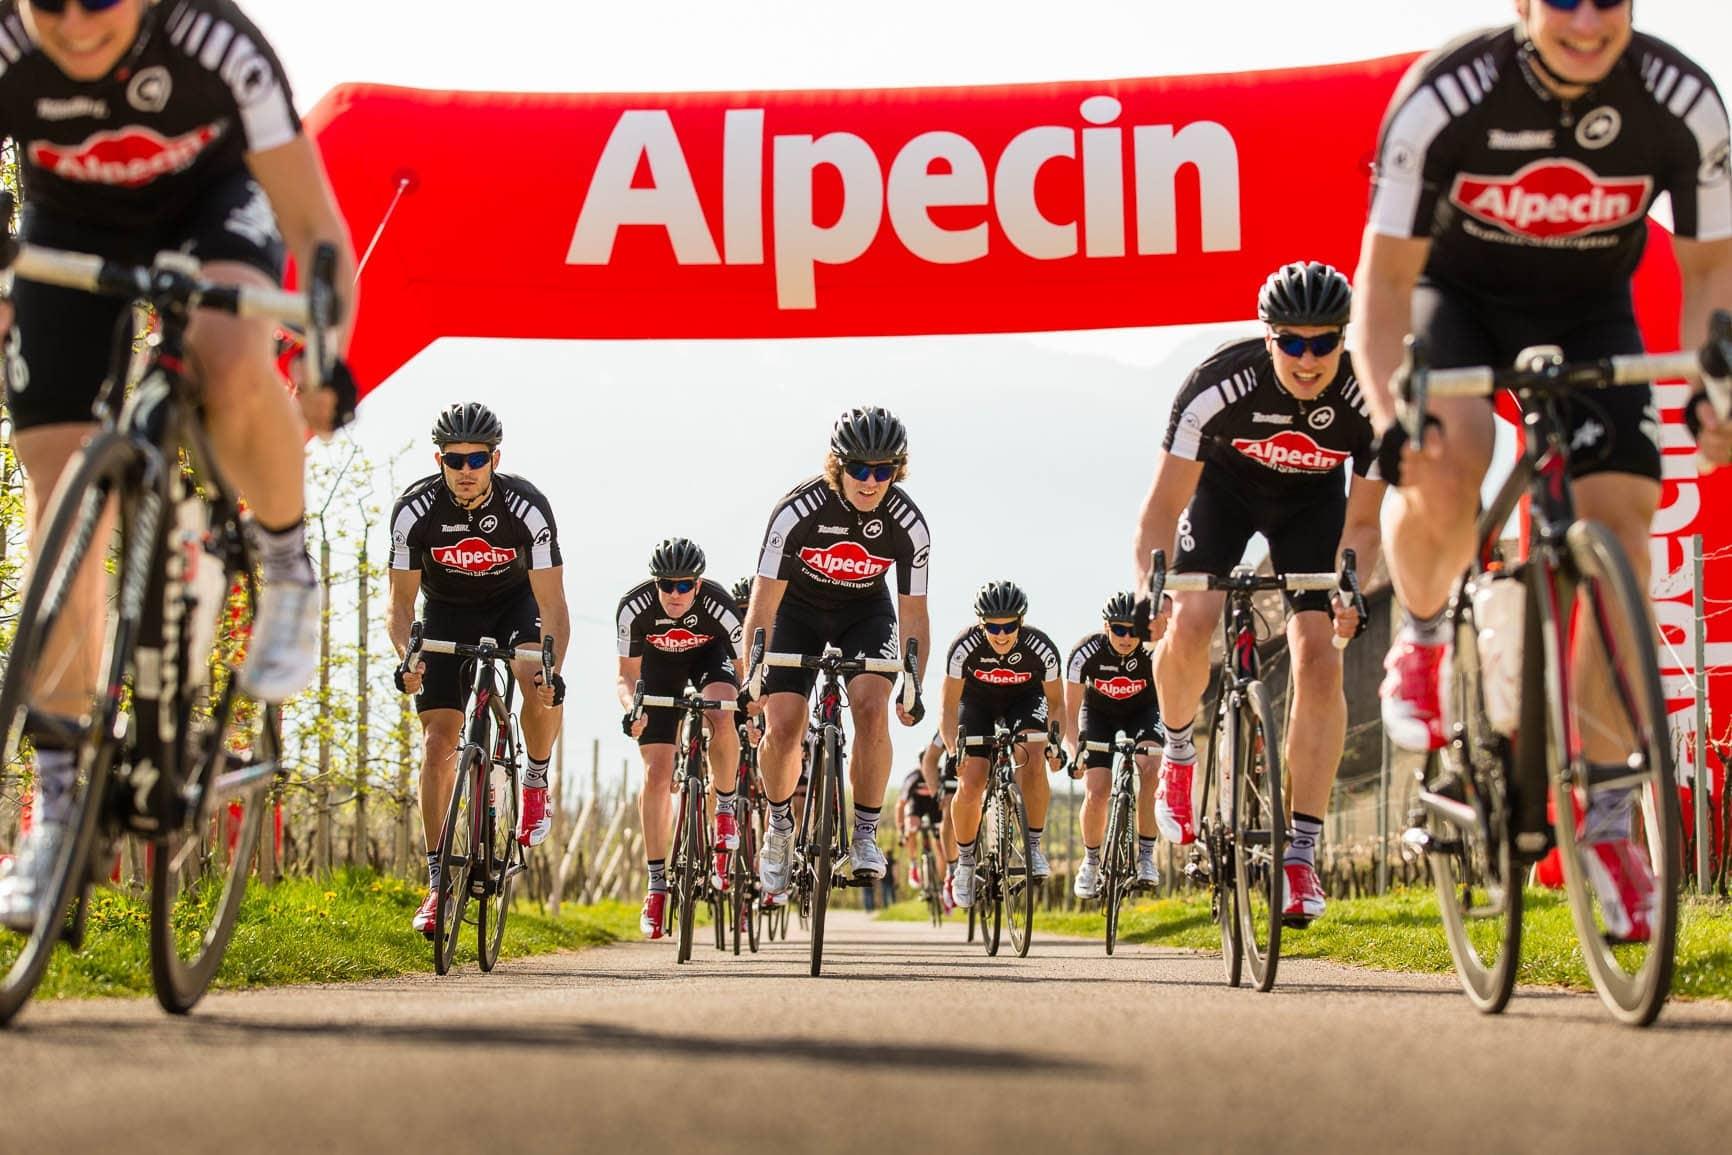 Teil 2: Trainingslager des Team Alpecin in Kaltern – ein Erlebnisbericht